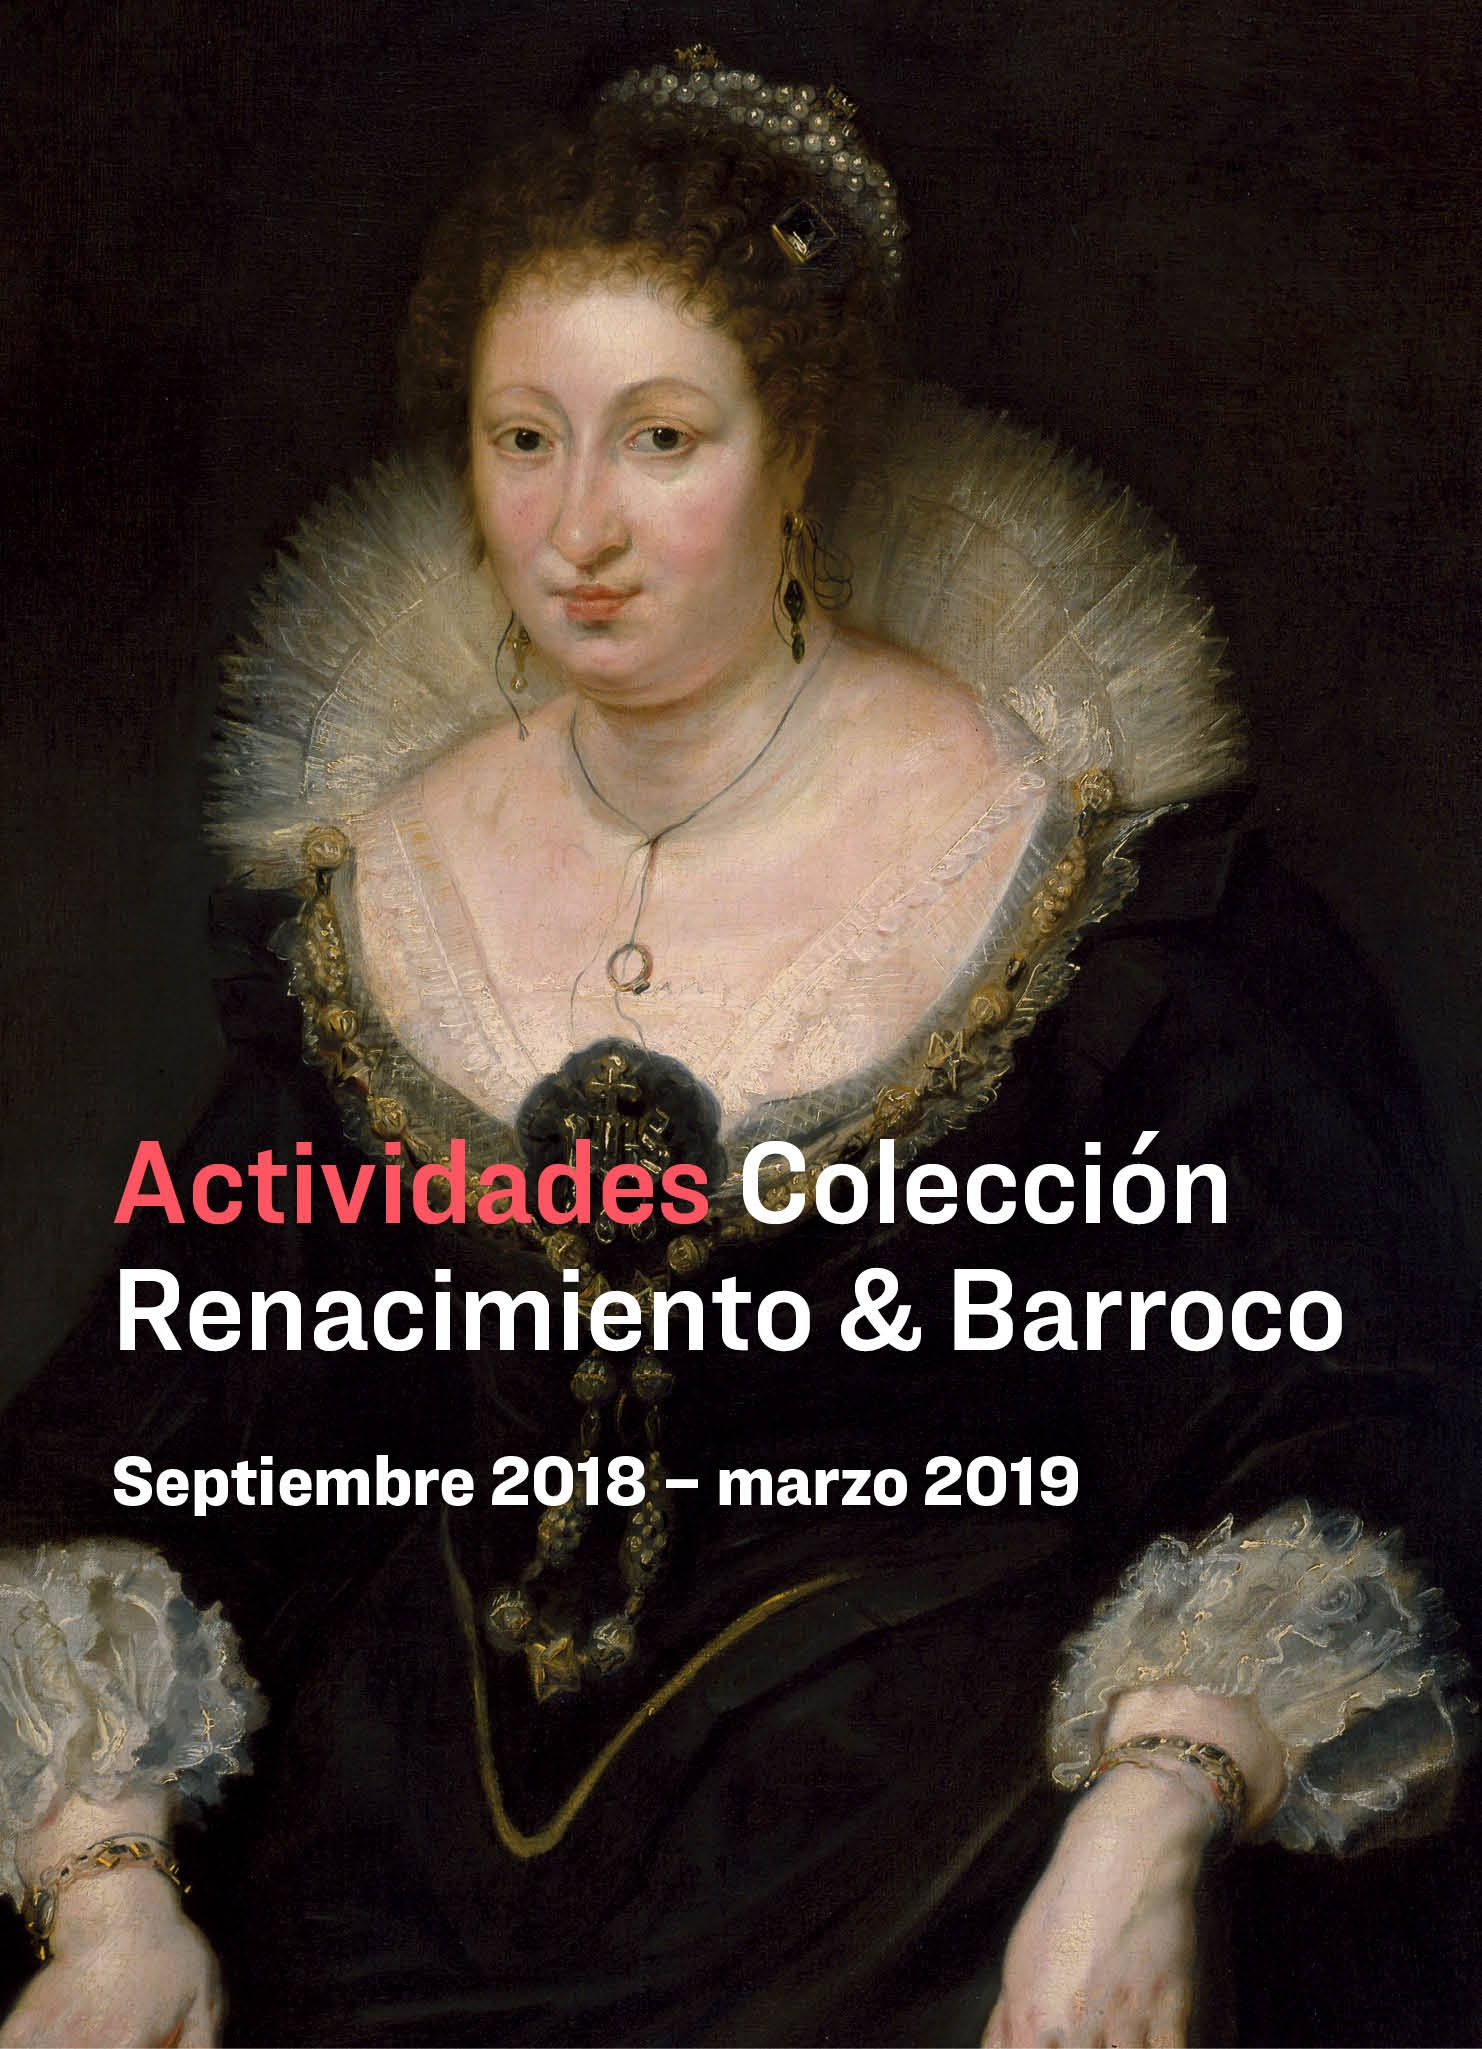 Actividades en torno a la nueva presentación de Renacimiento y barroco